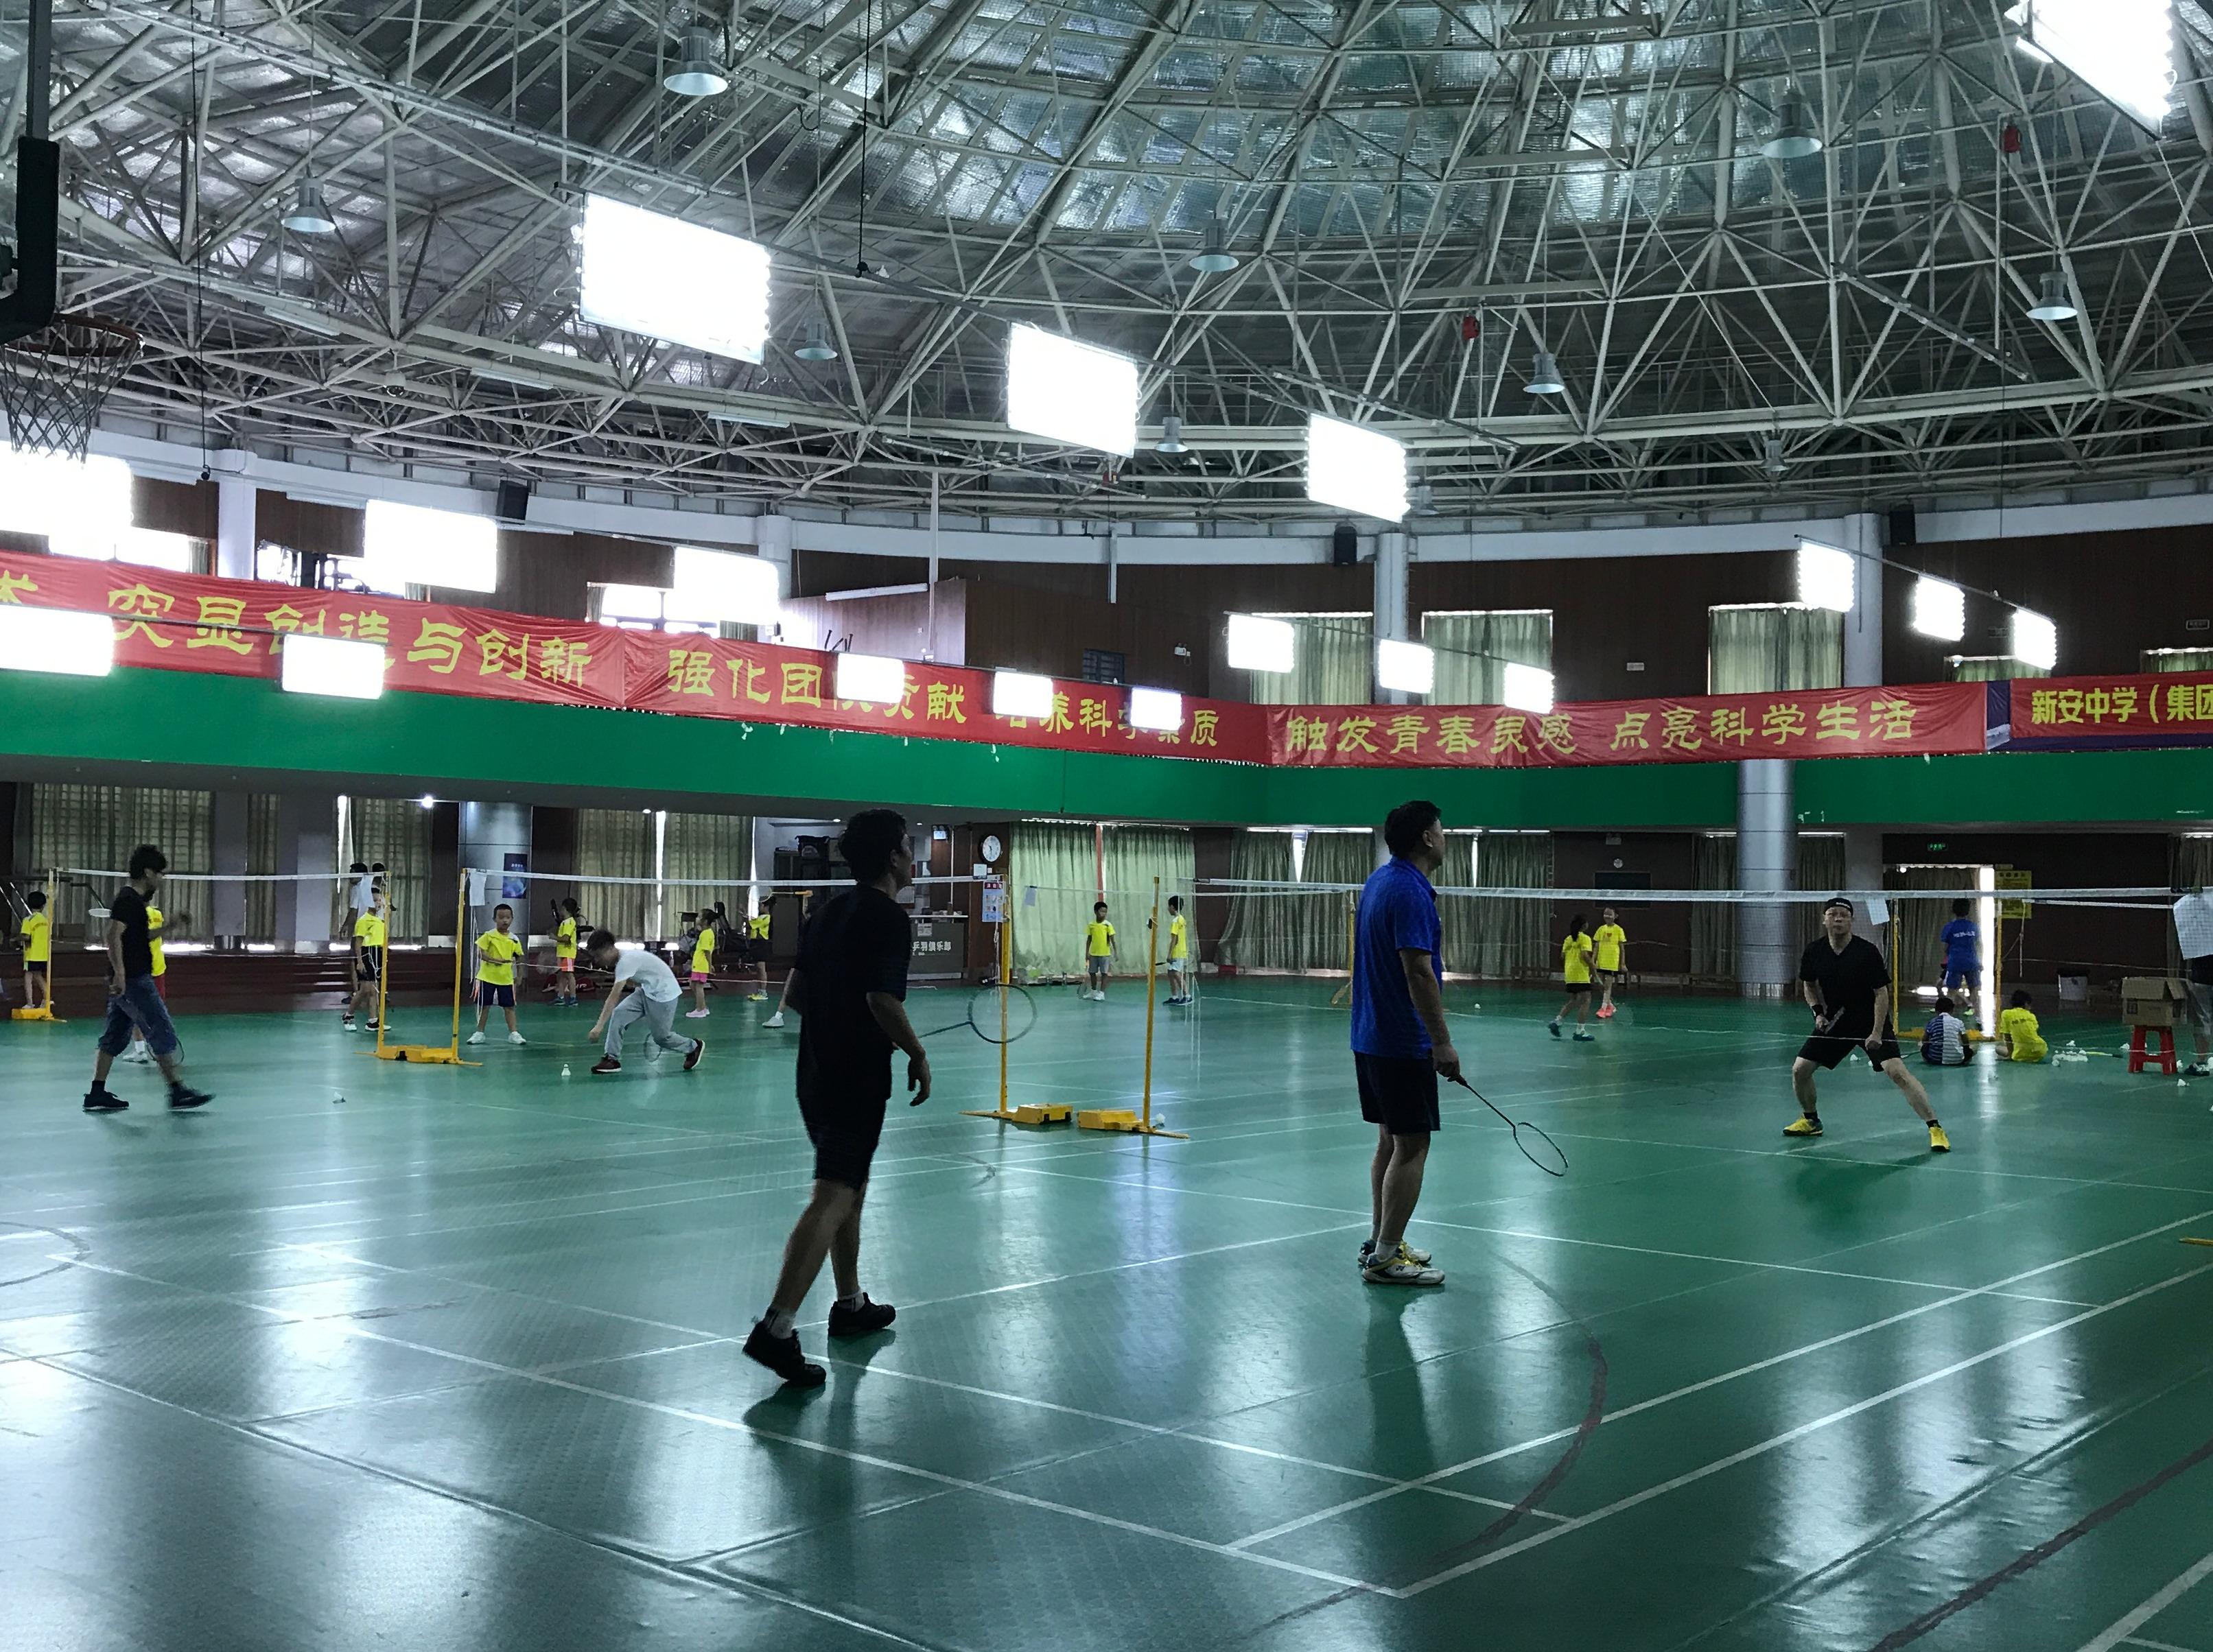 6月17日宝安新湖中学打羽毛球